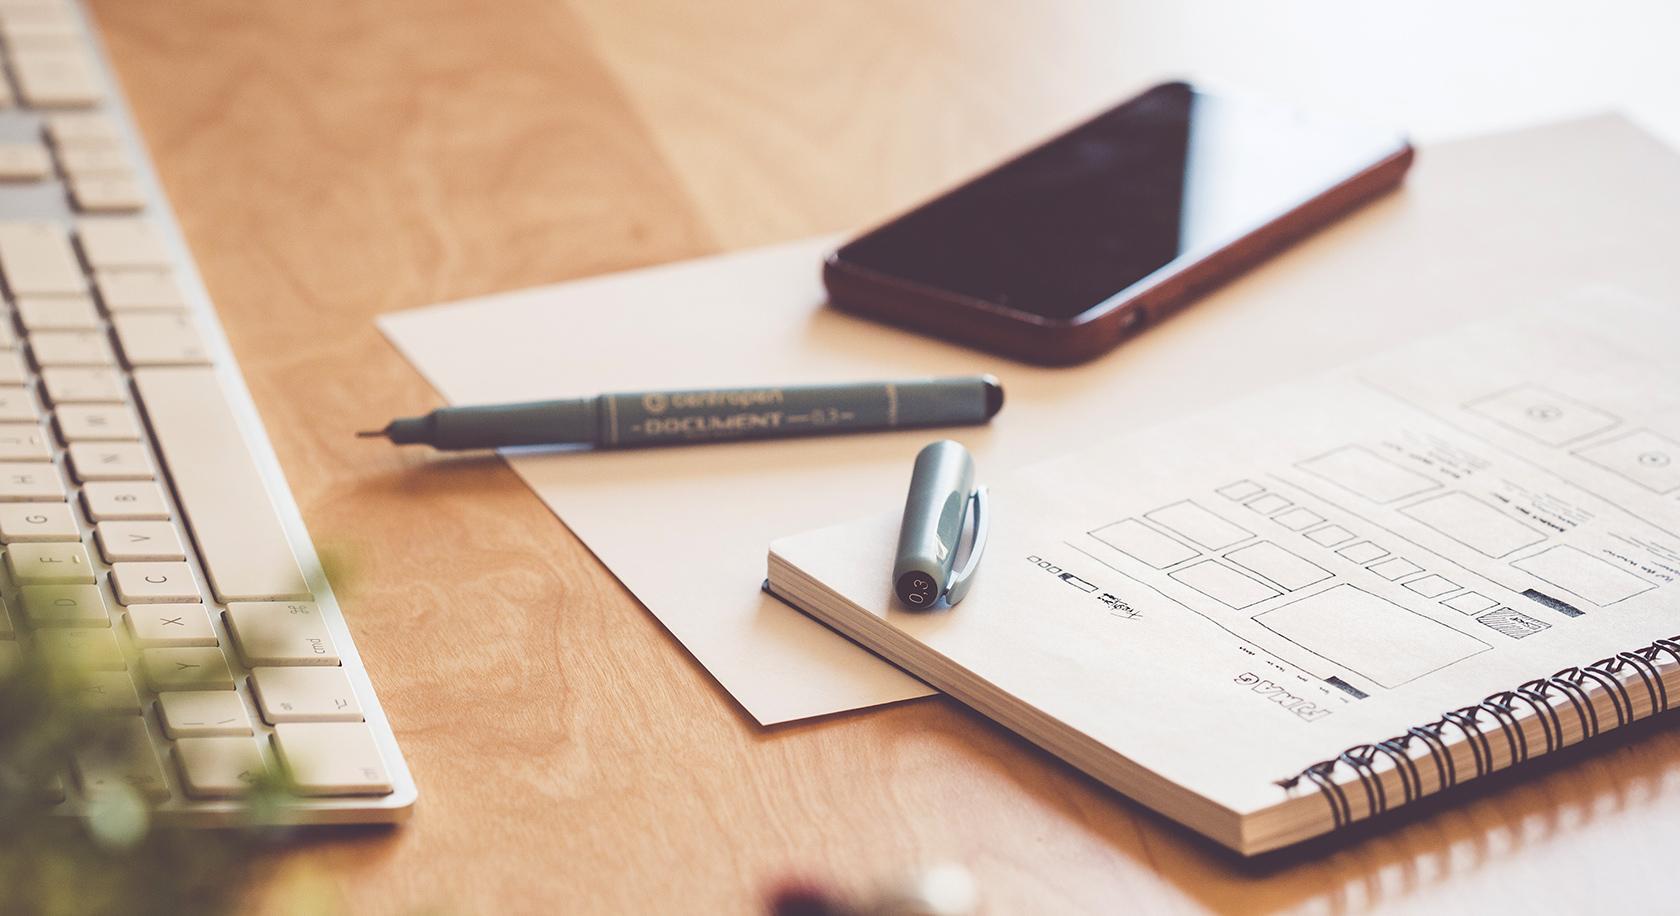 Los diseñadores que hacen preguntas inteligentes son parte de los métodos de pensamiento de diseño